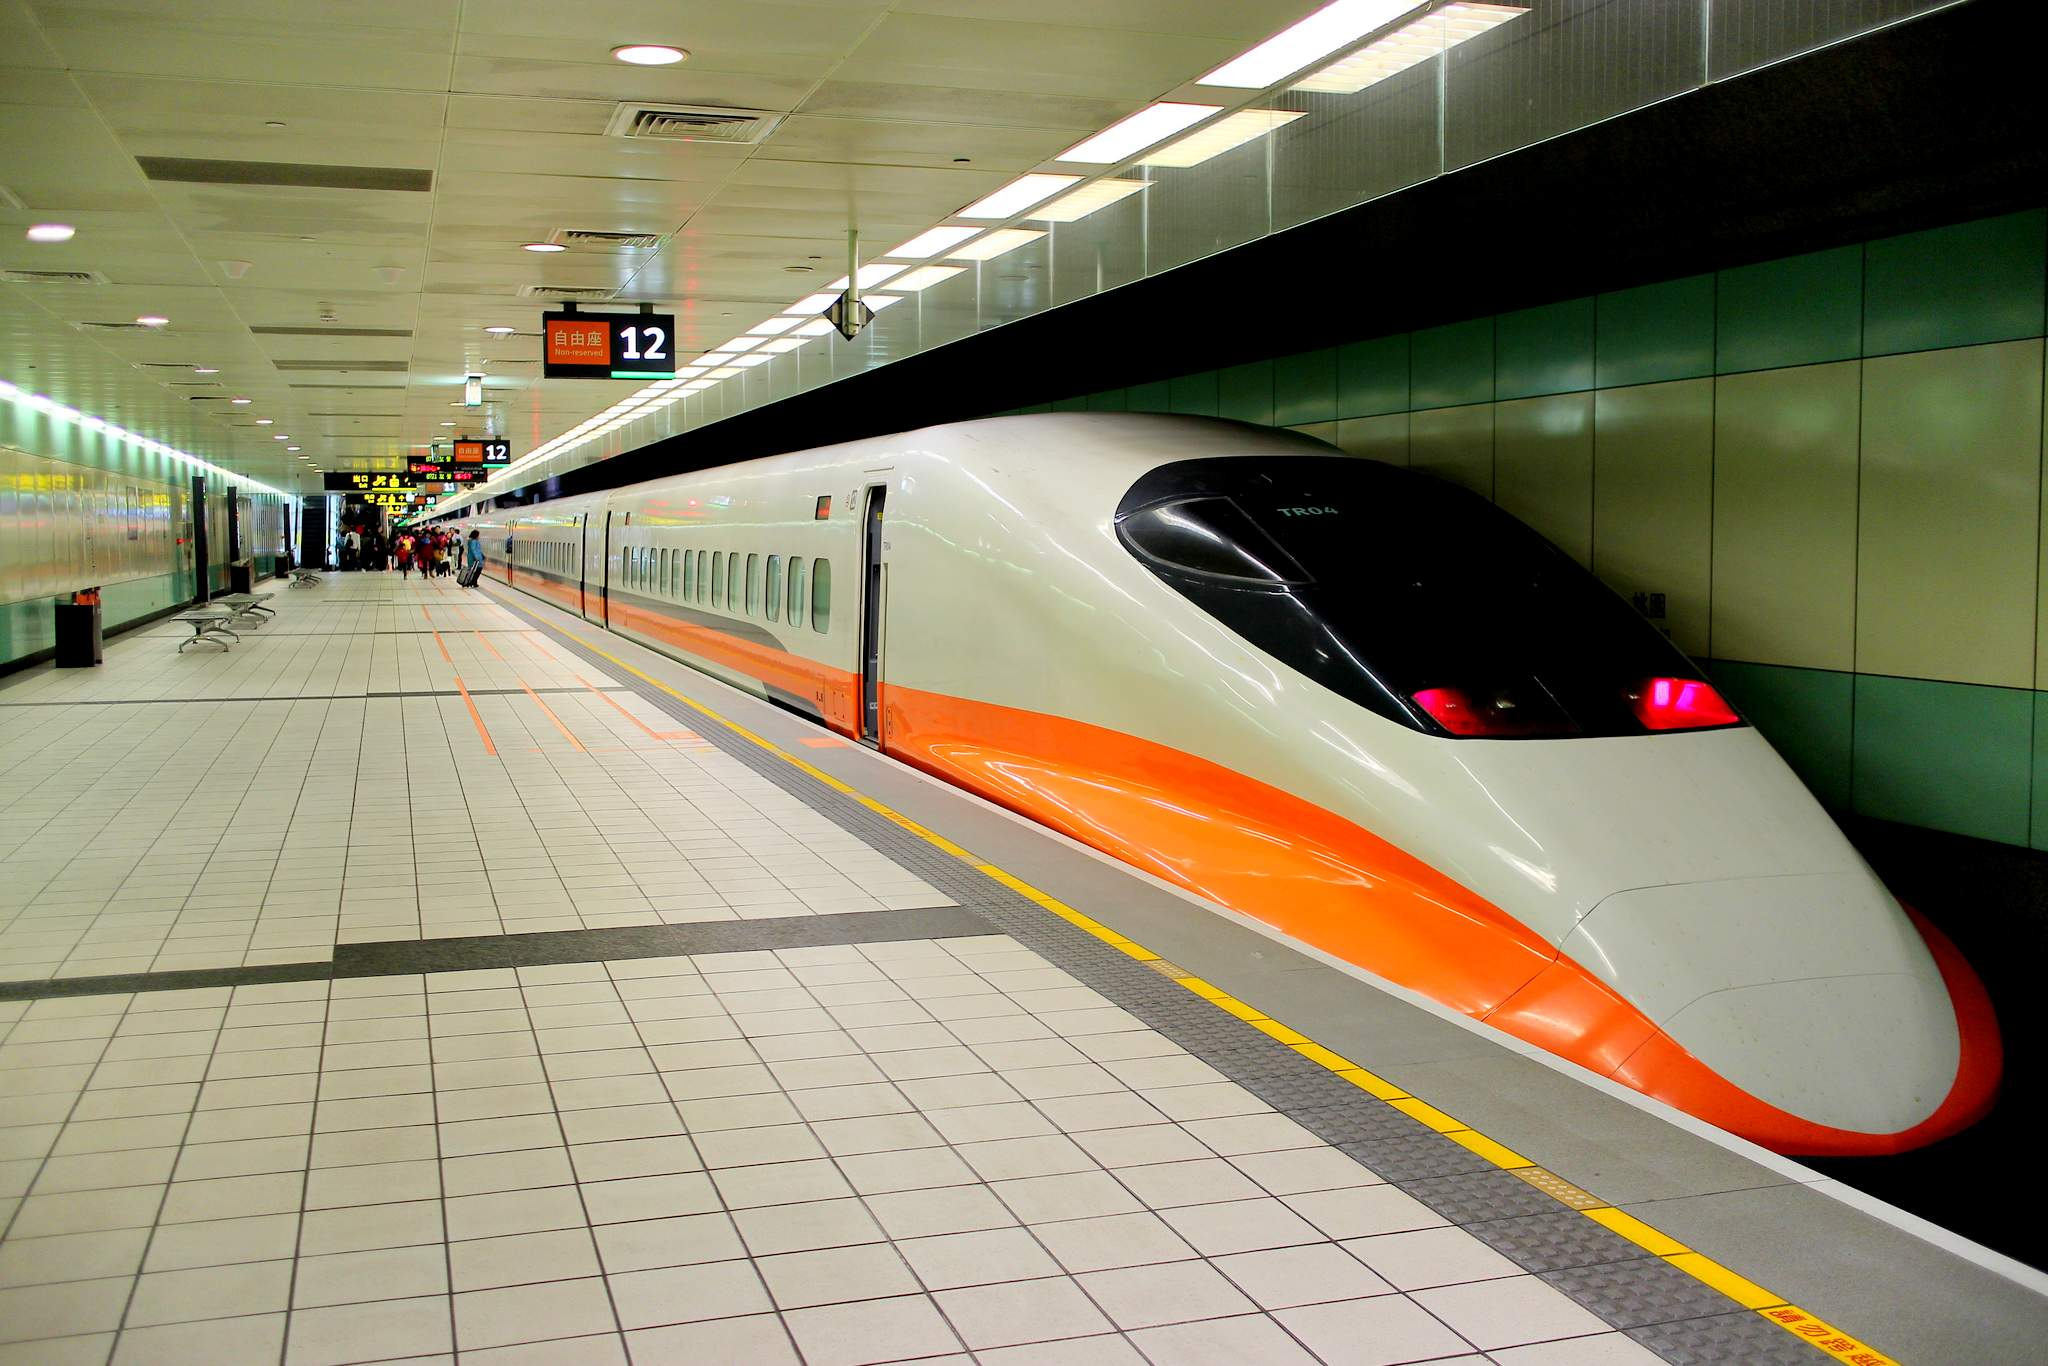 「台灣高鐵 桃園」的圖片搜尋結果